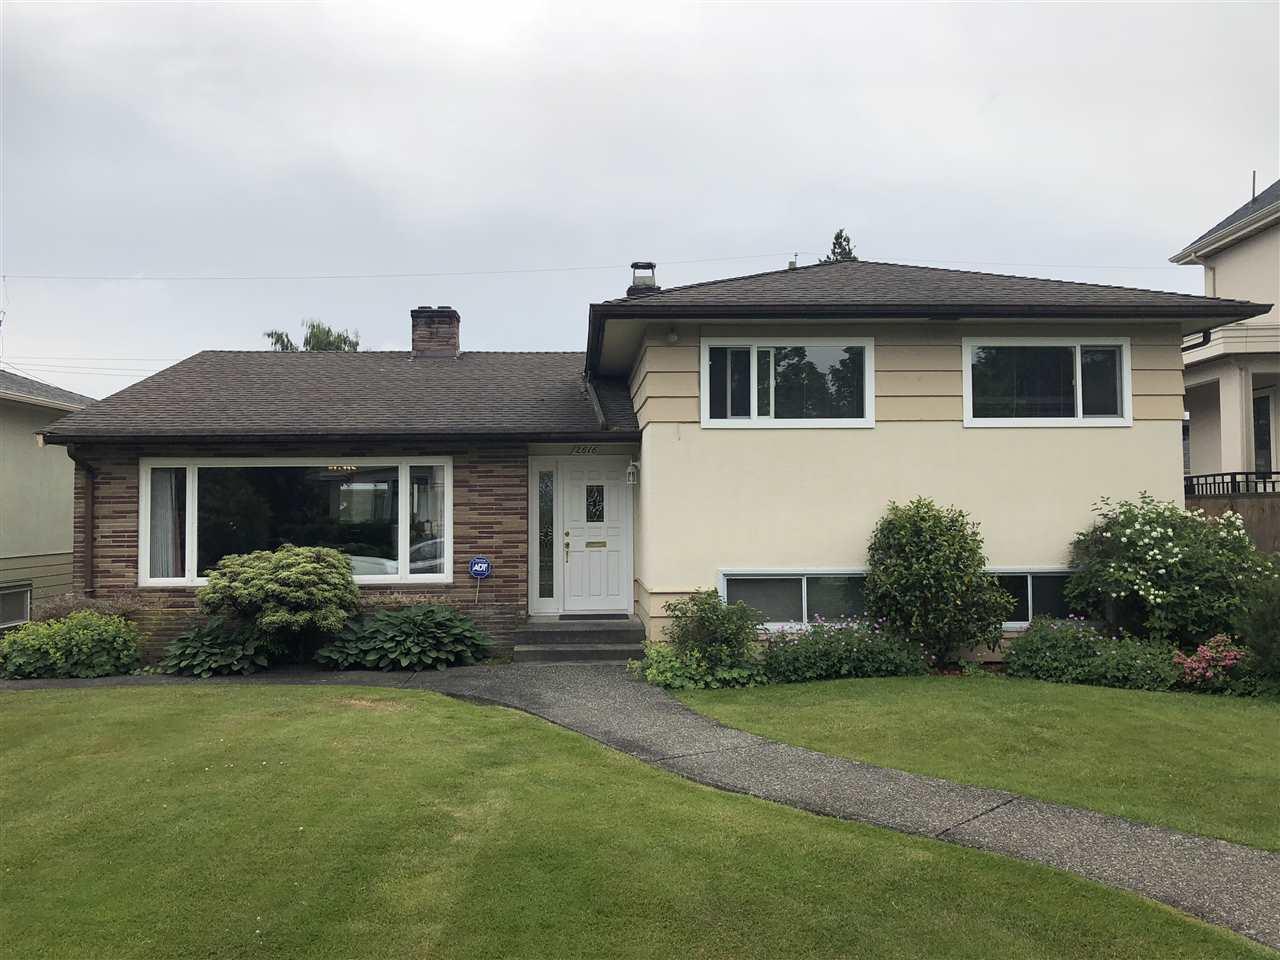 Sold: 2616 Mcbain Avenue, Vancouver, BC